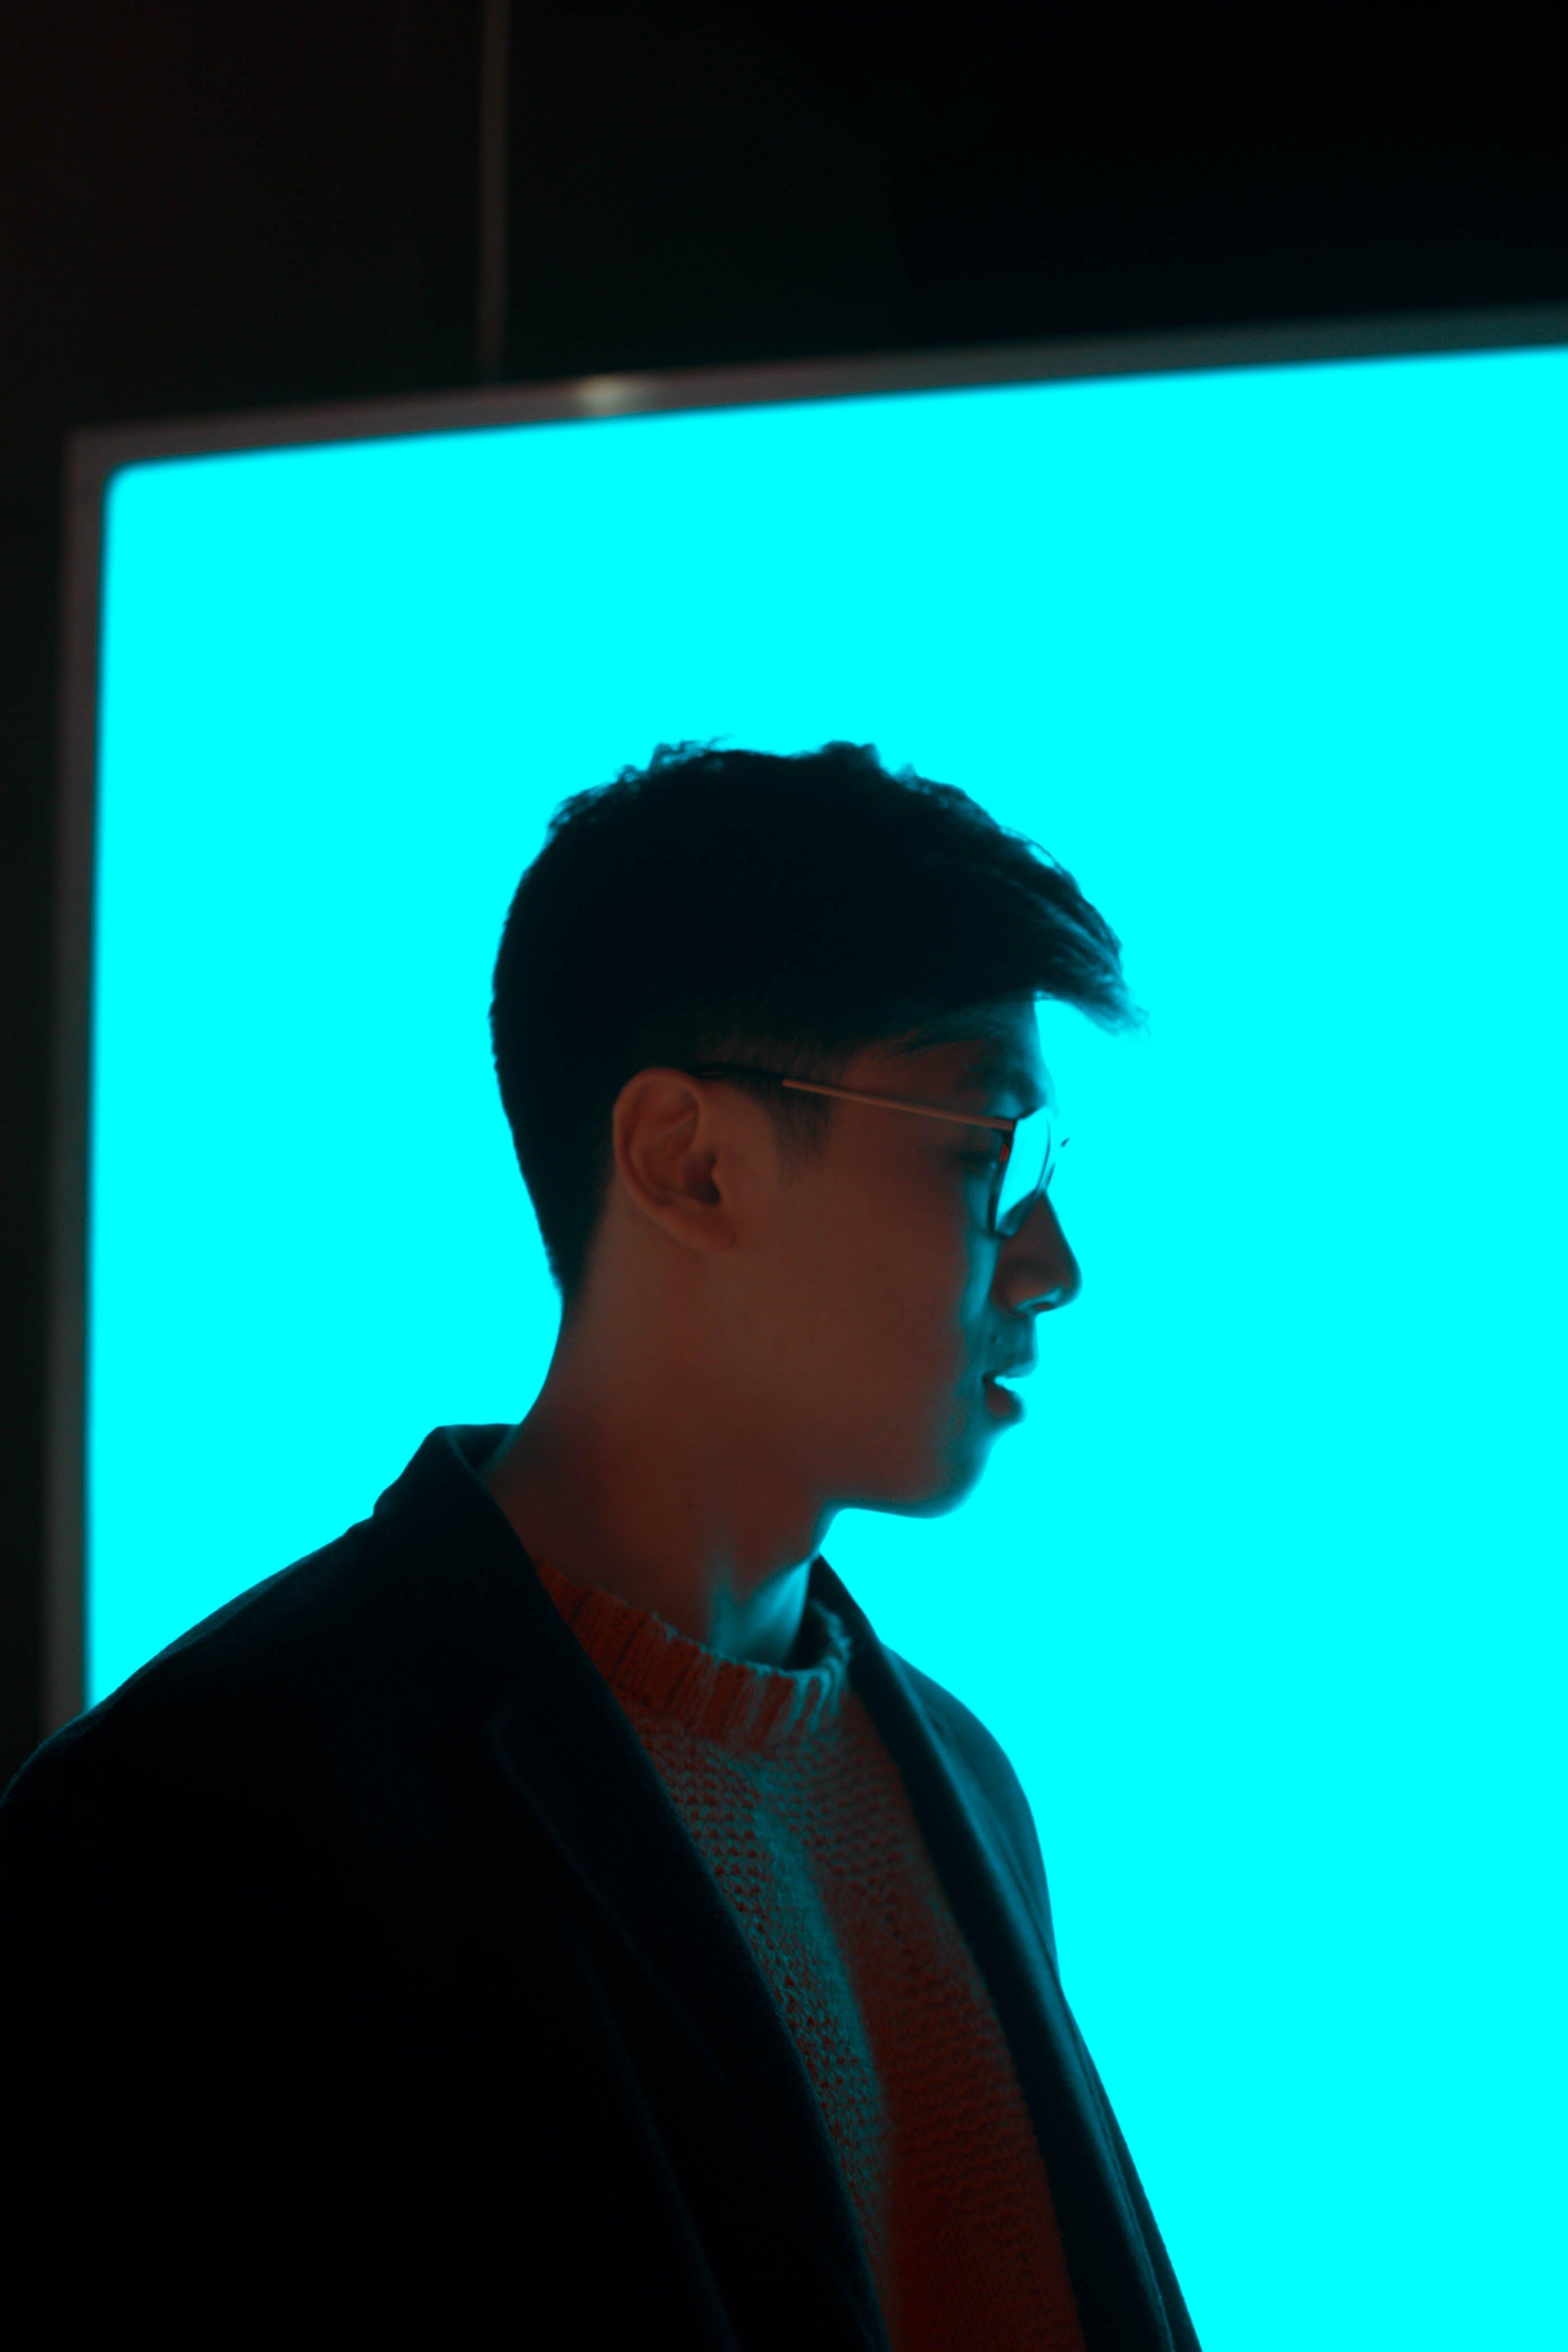 Kostenloses Stock Foto zu blau, brille, dunkel, fashion